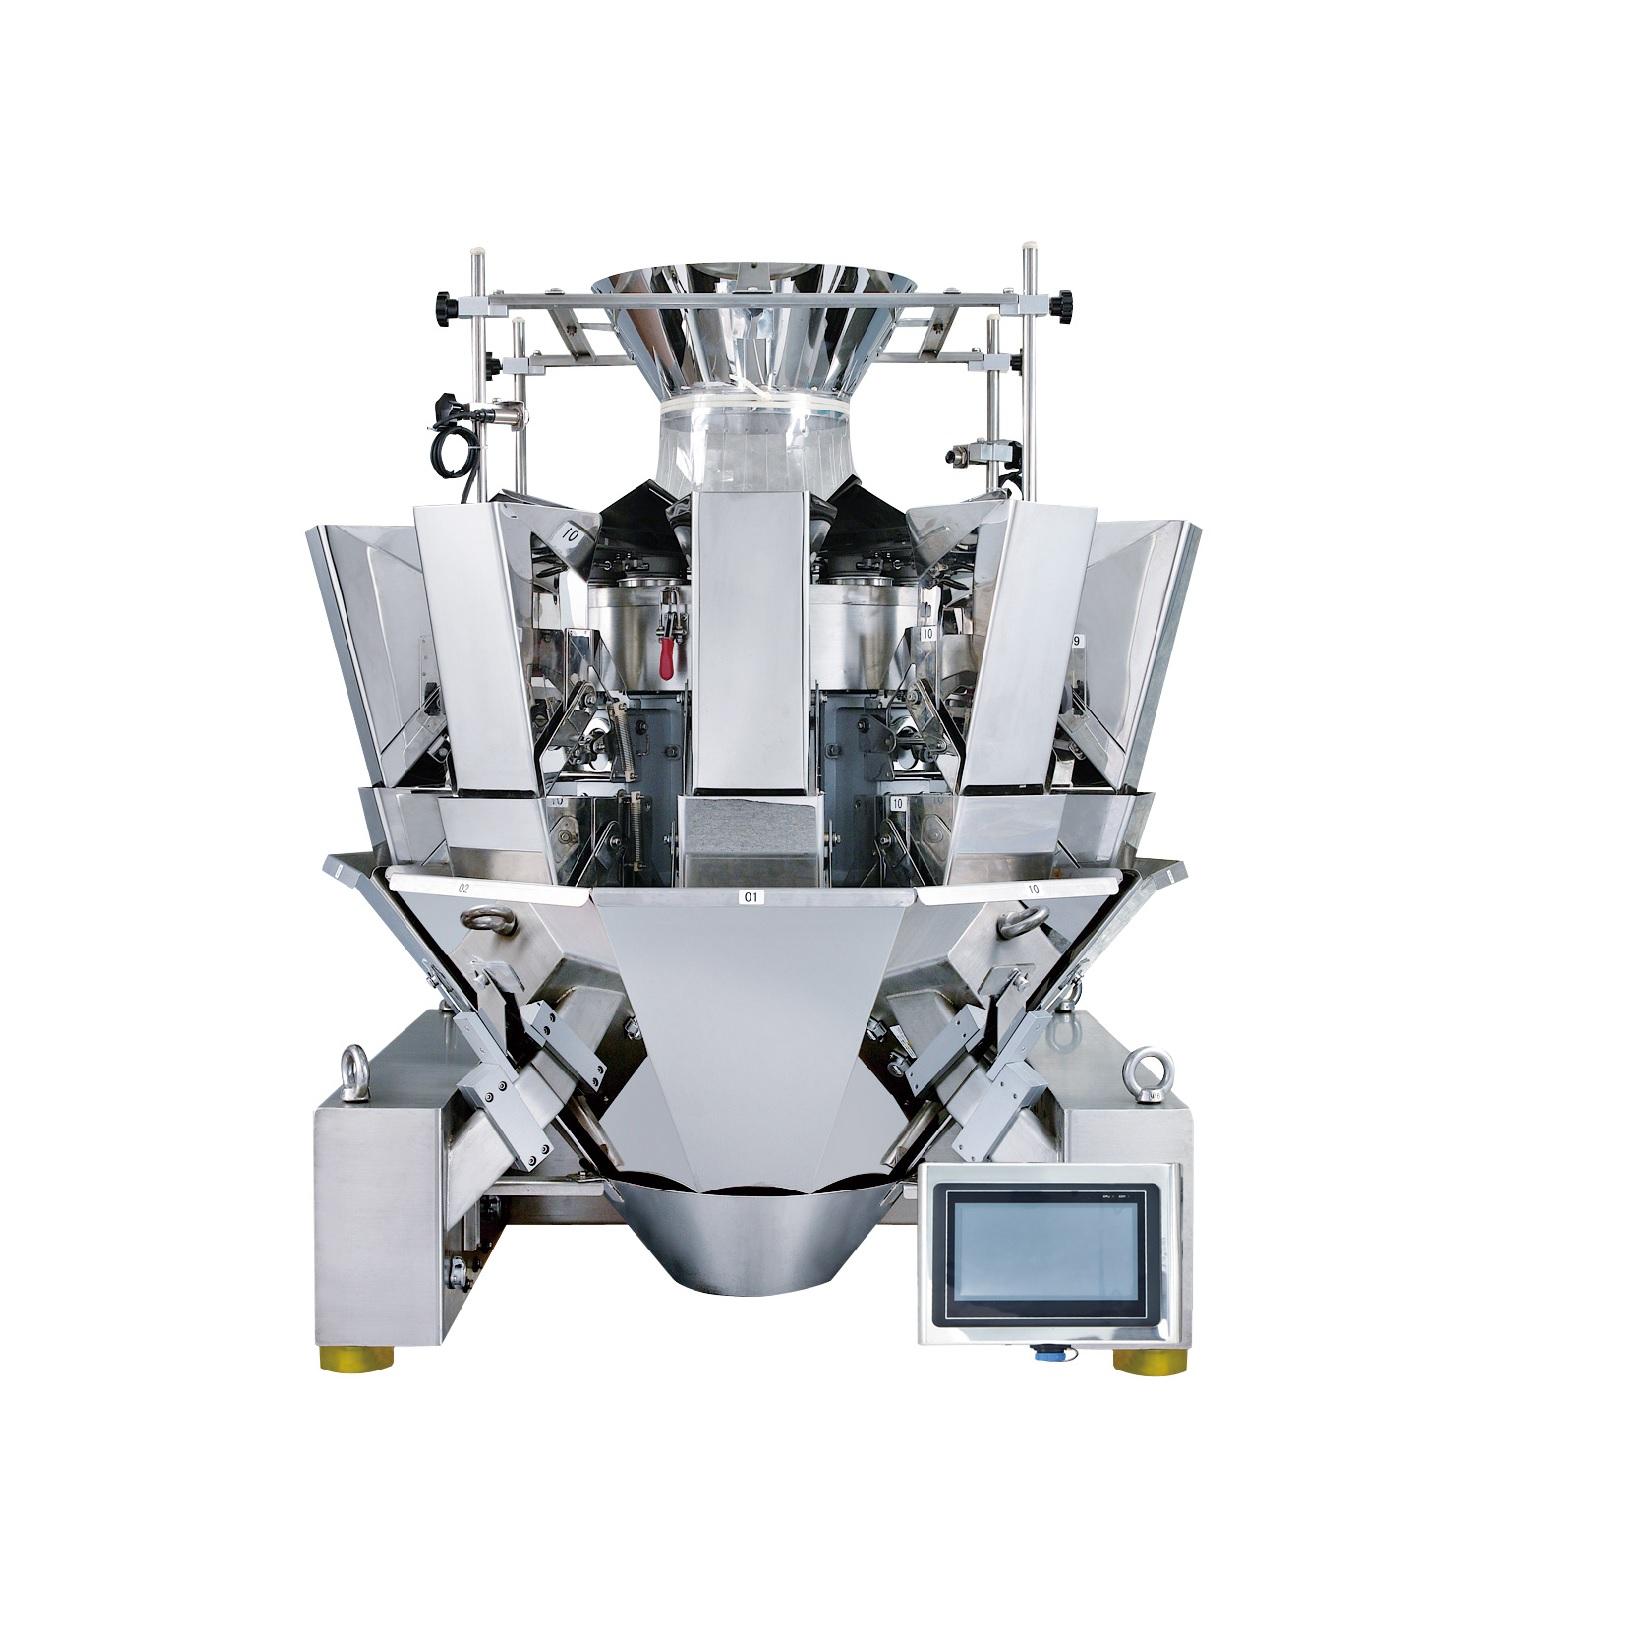 Multihead weigher – Standard WM10/14